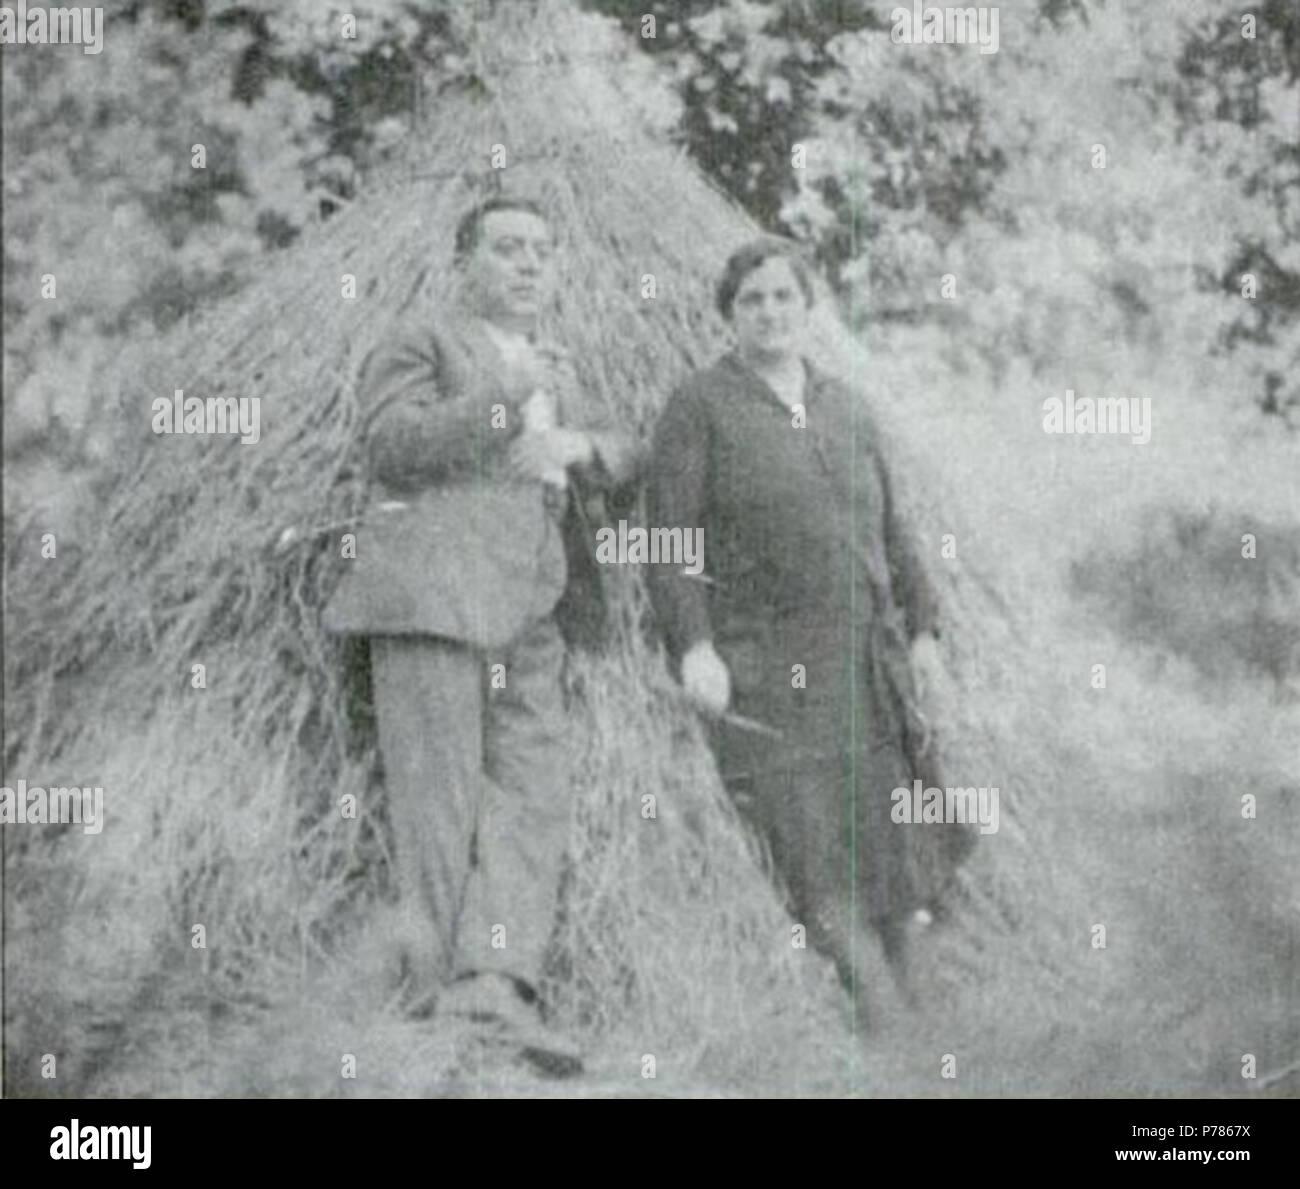 20 Darío Álvarez Limeses e María Blázquez Ballester, Baión, 1928 Stock Photo